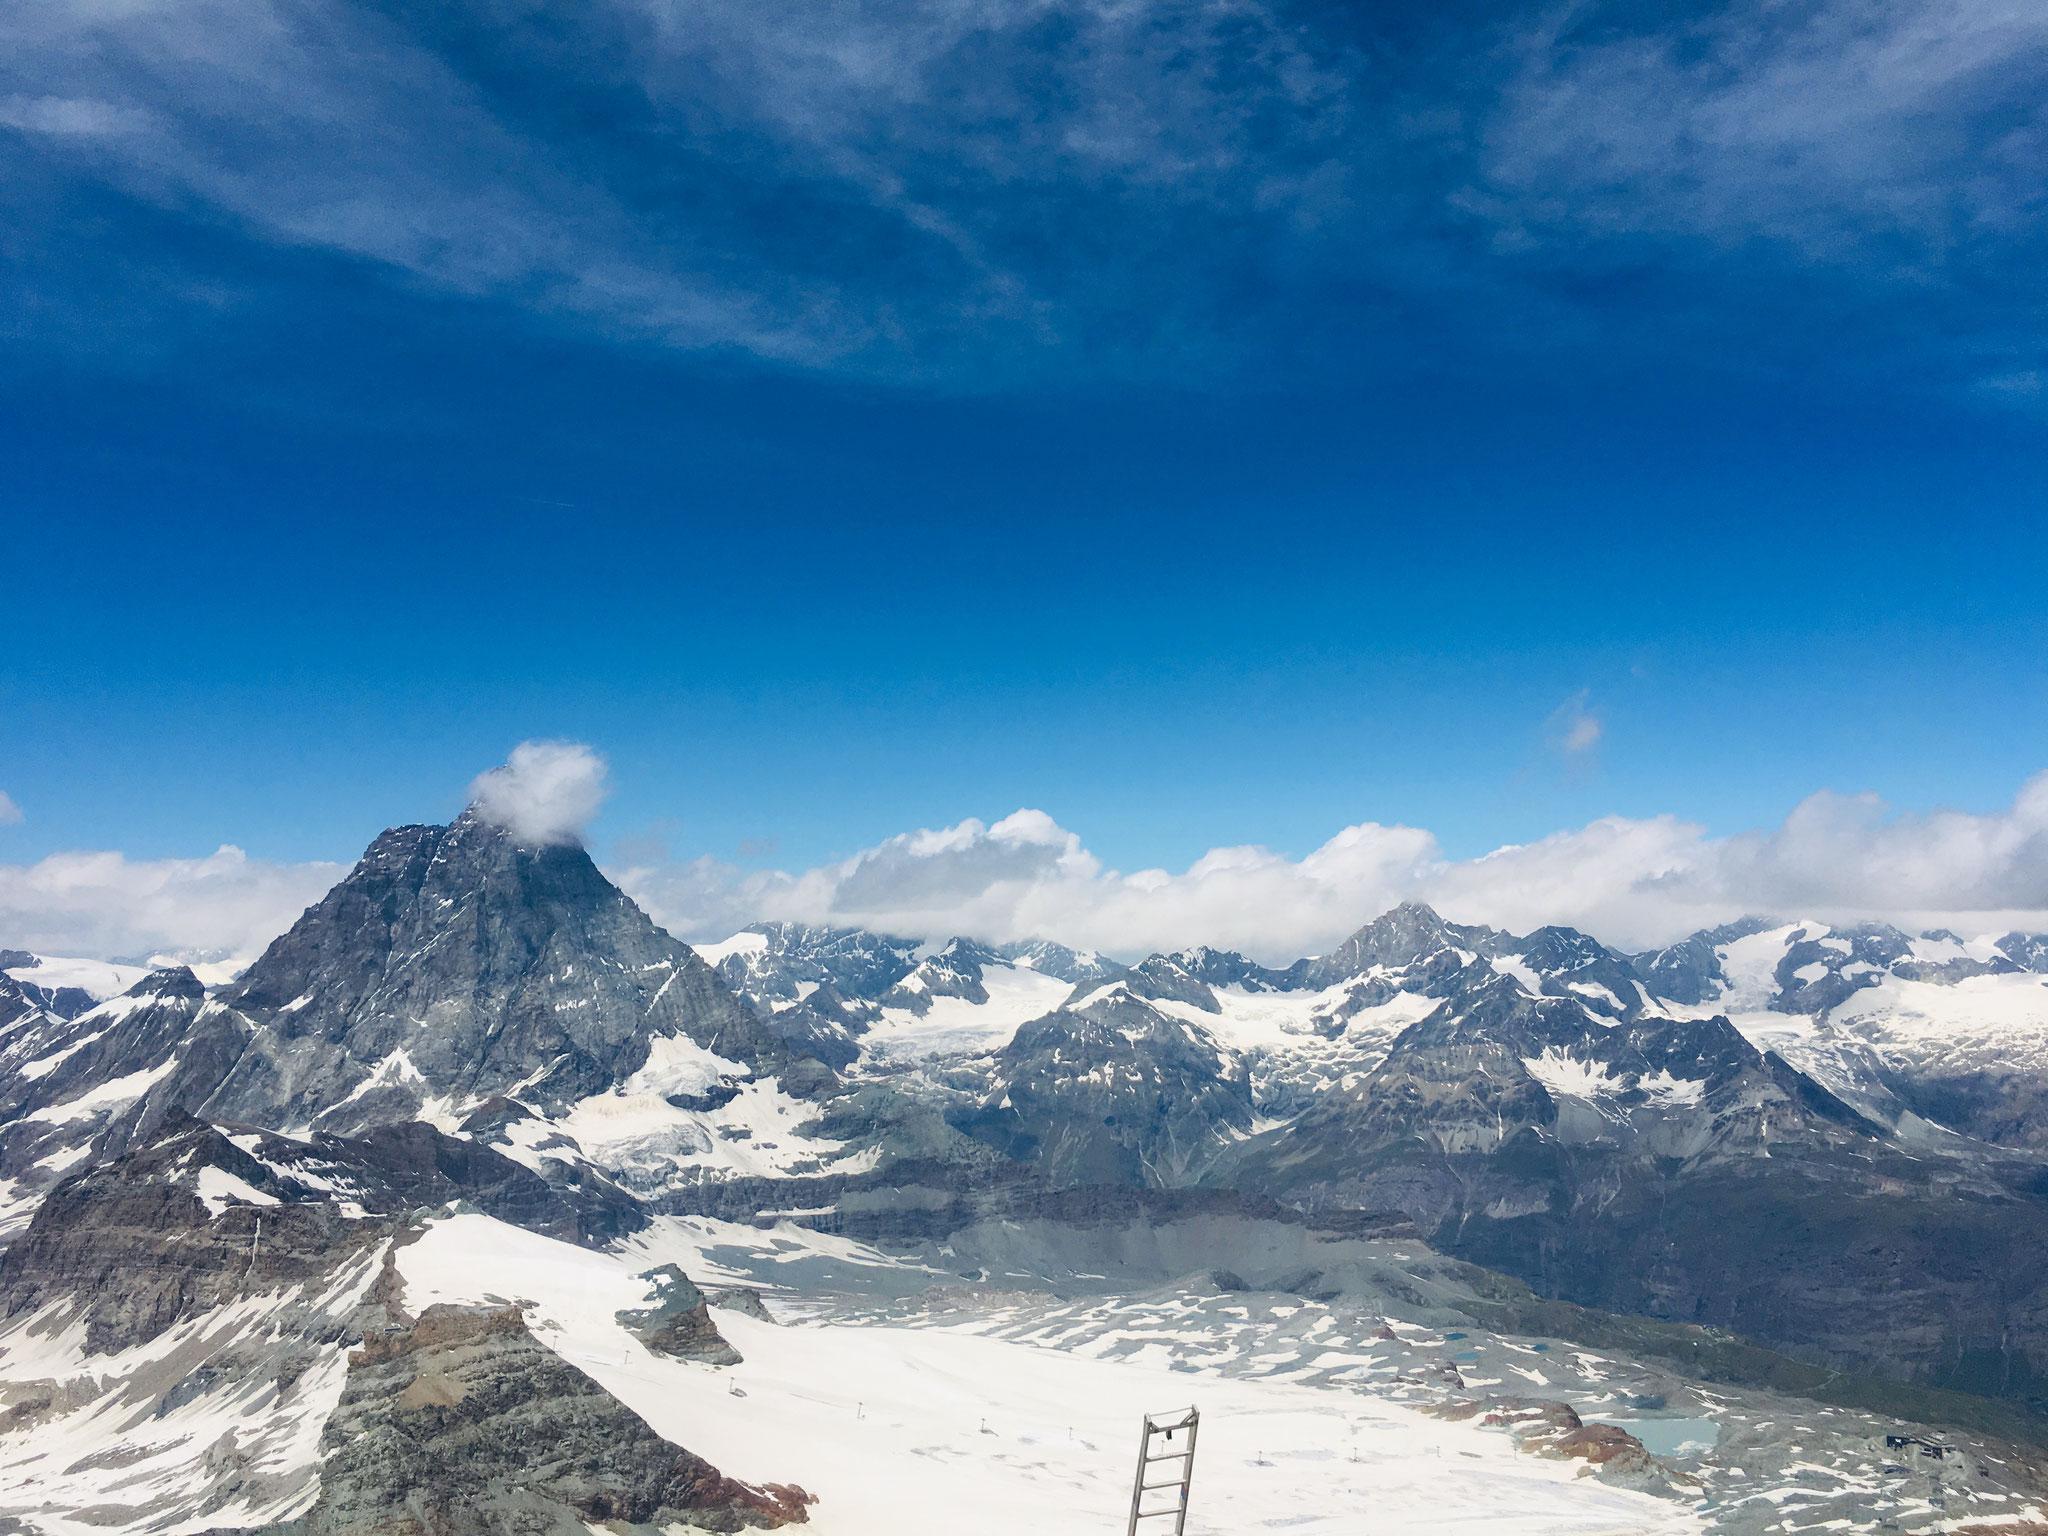 Kleines Matterhorn, Wallis